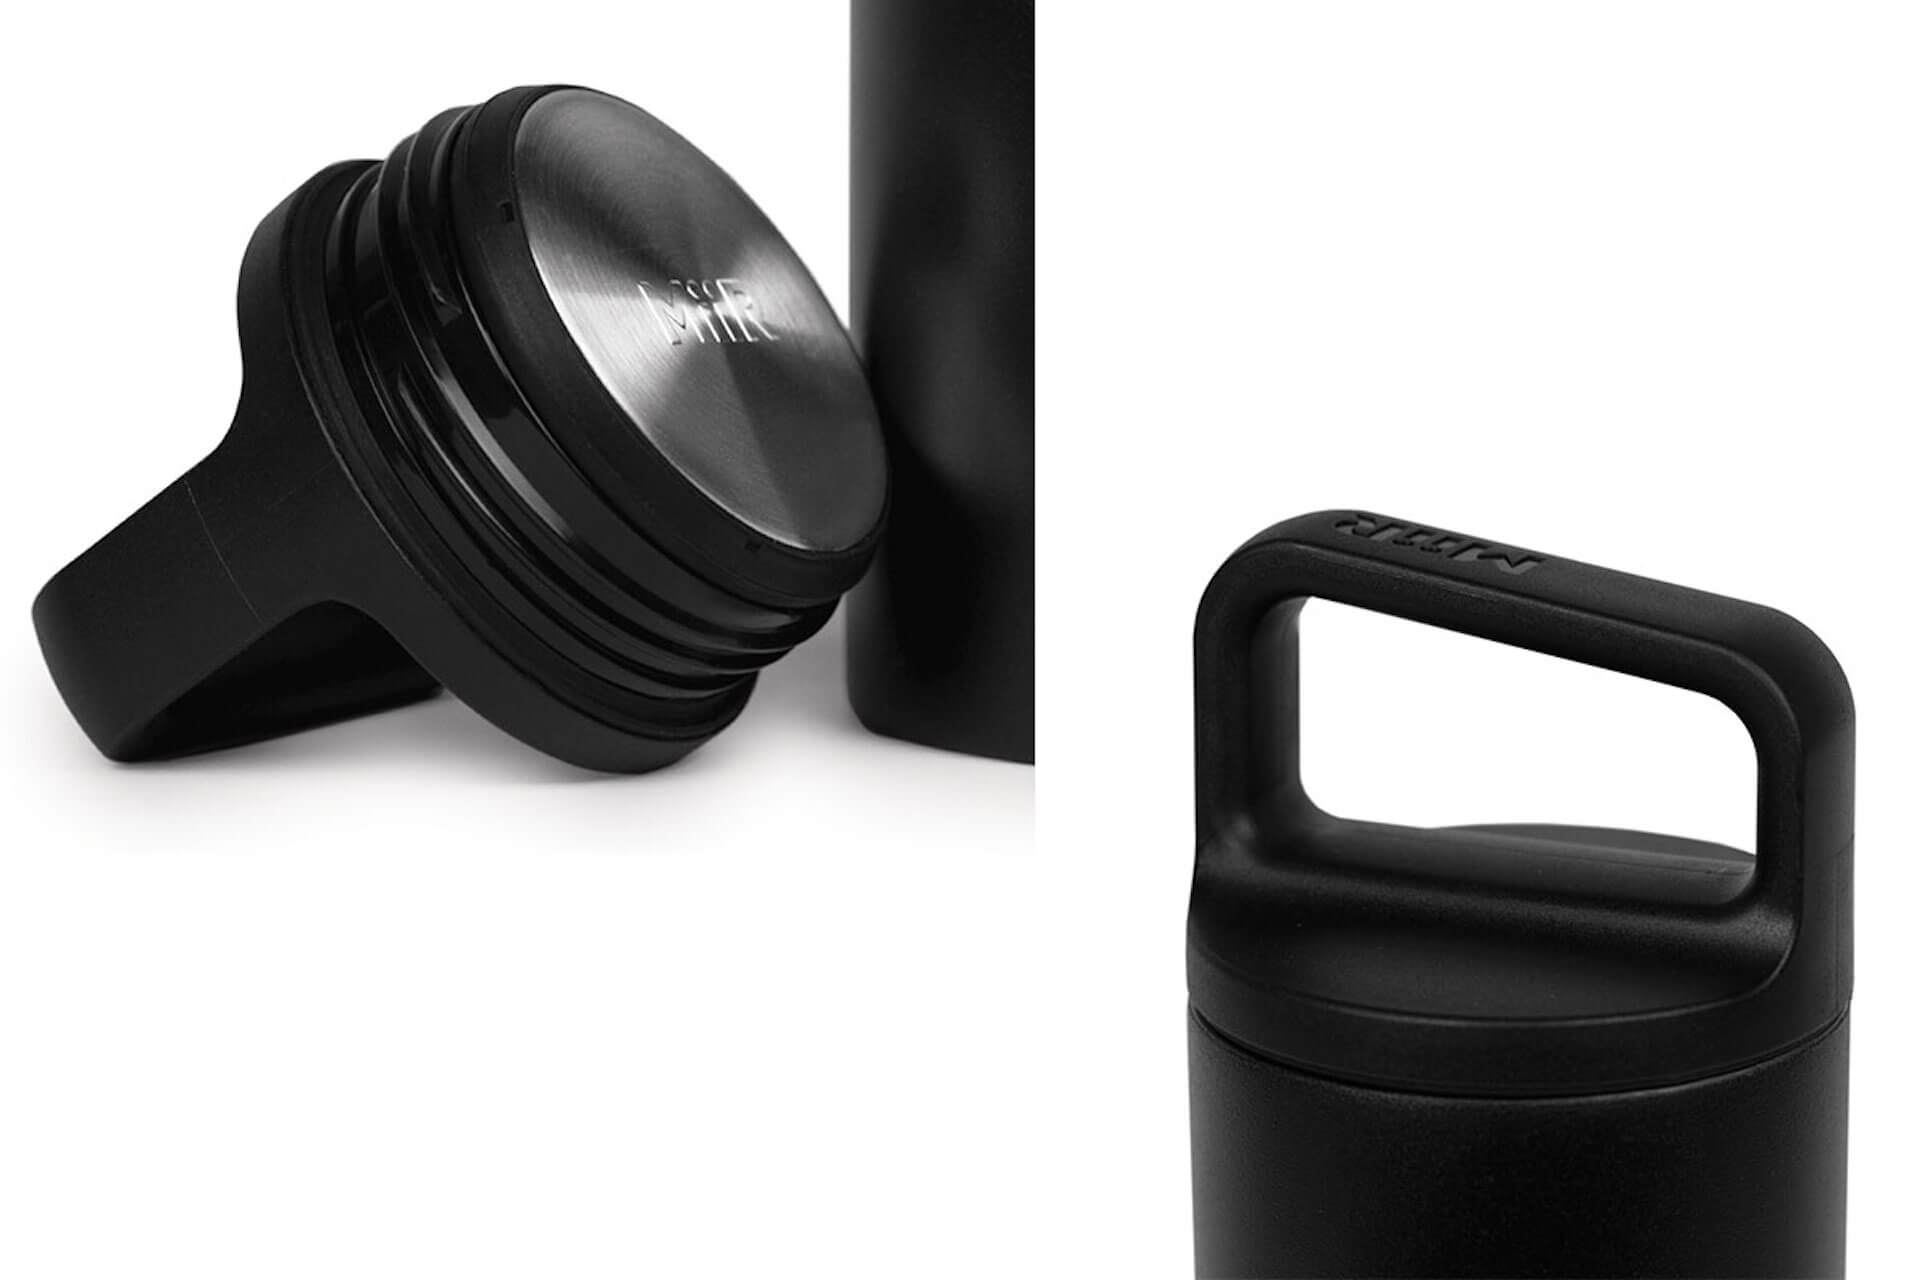 【2020年・最新おすすめ水筒21選!】スリムから大容量まで、機能性とデザイン性を兼ね備えたおしゃれボトルを厳選! tech200730_jeep_bottle_15